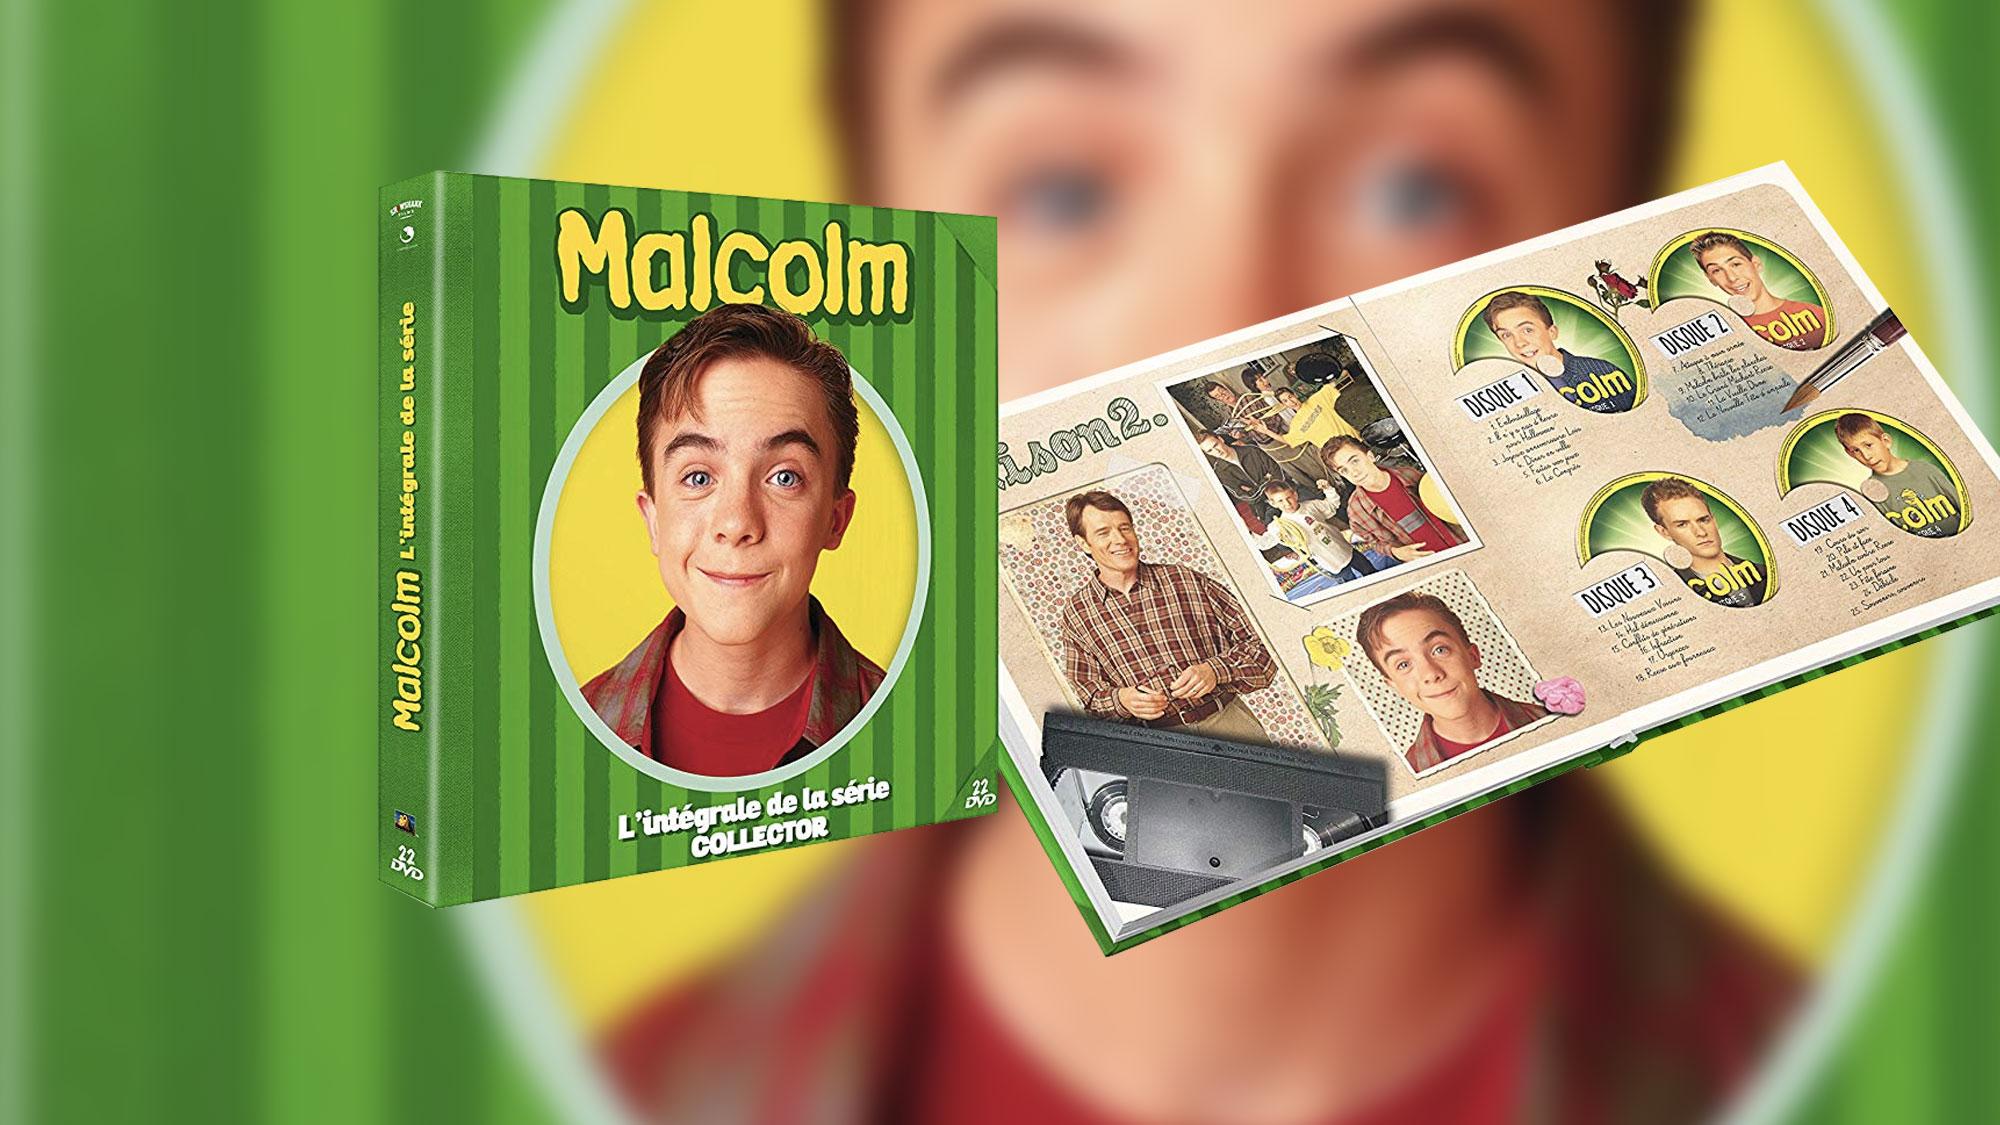 Un nouveau coffret intégral collector de <em>Malcolm</em> sort le 18 octobre !